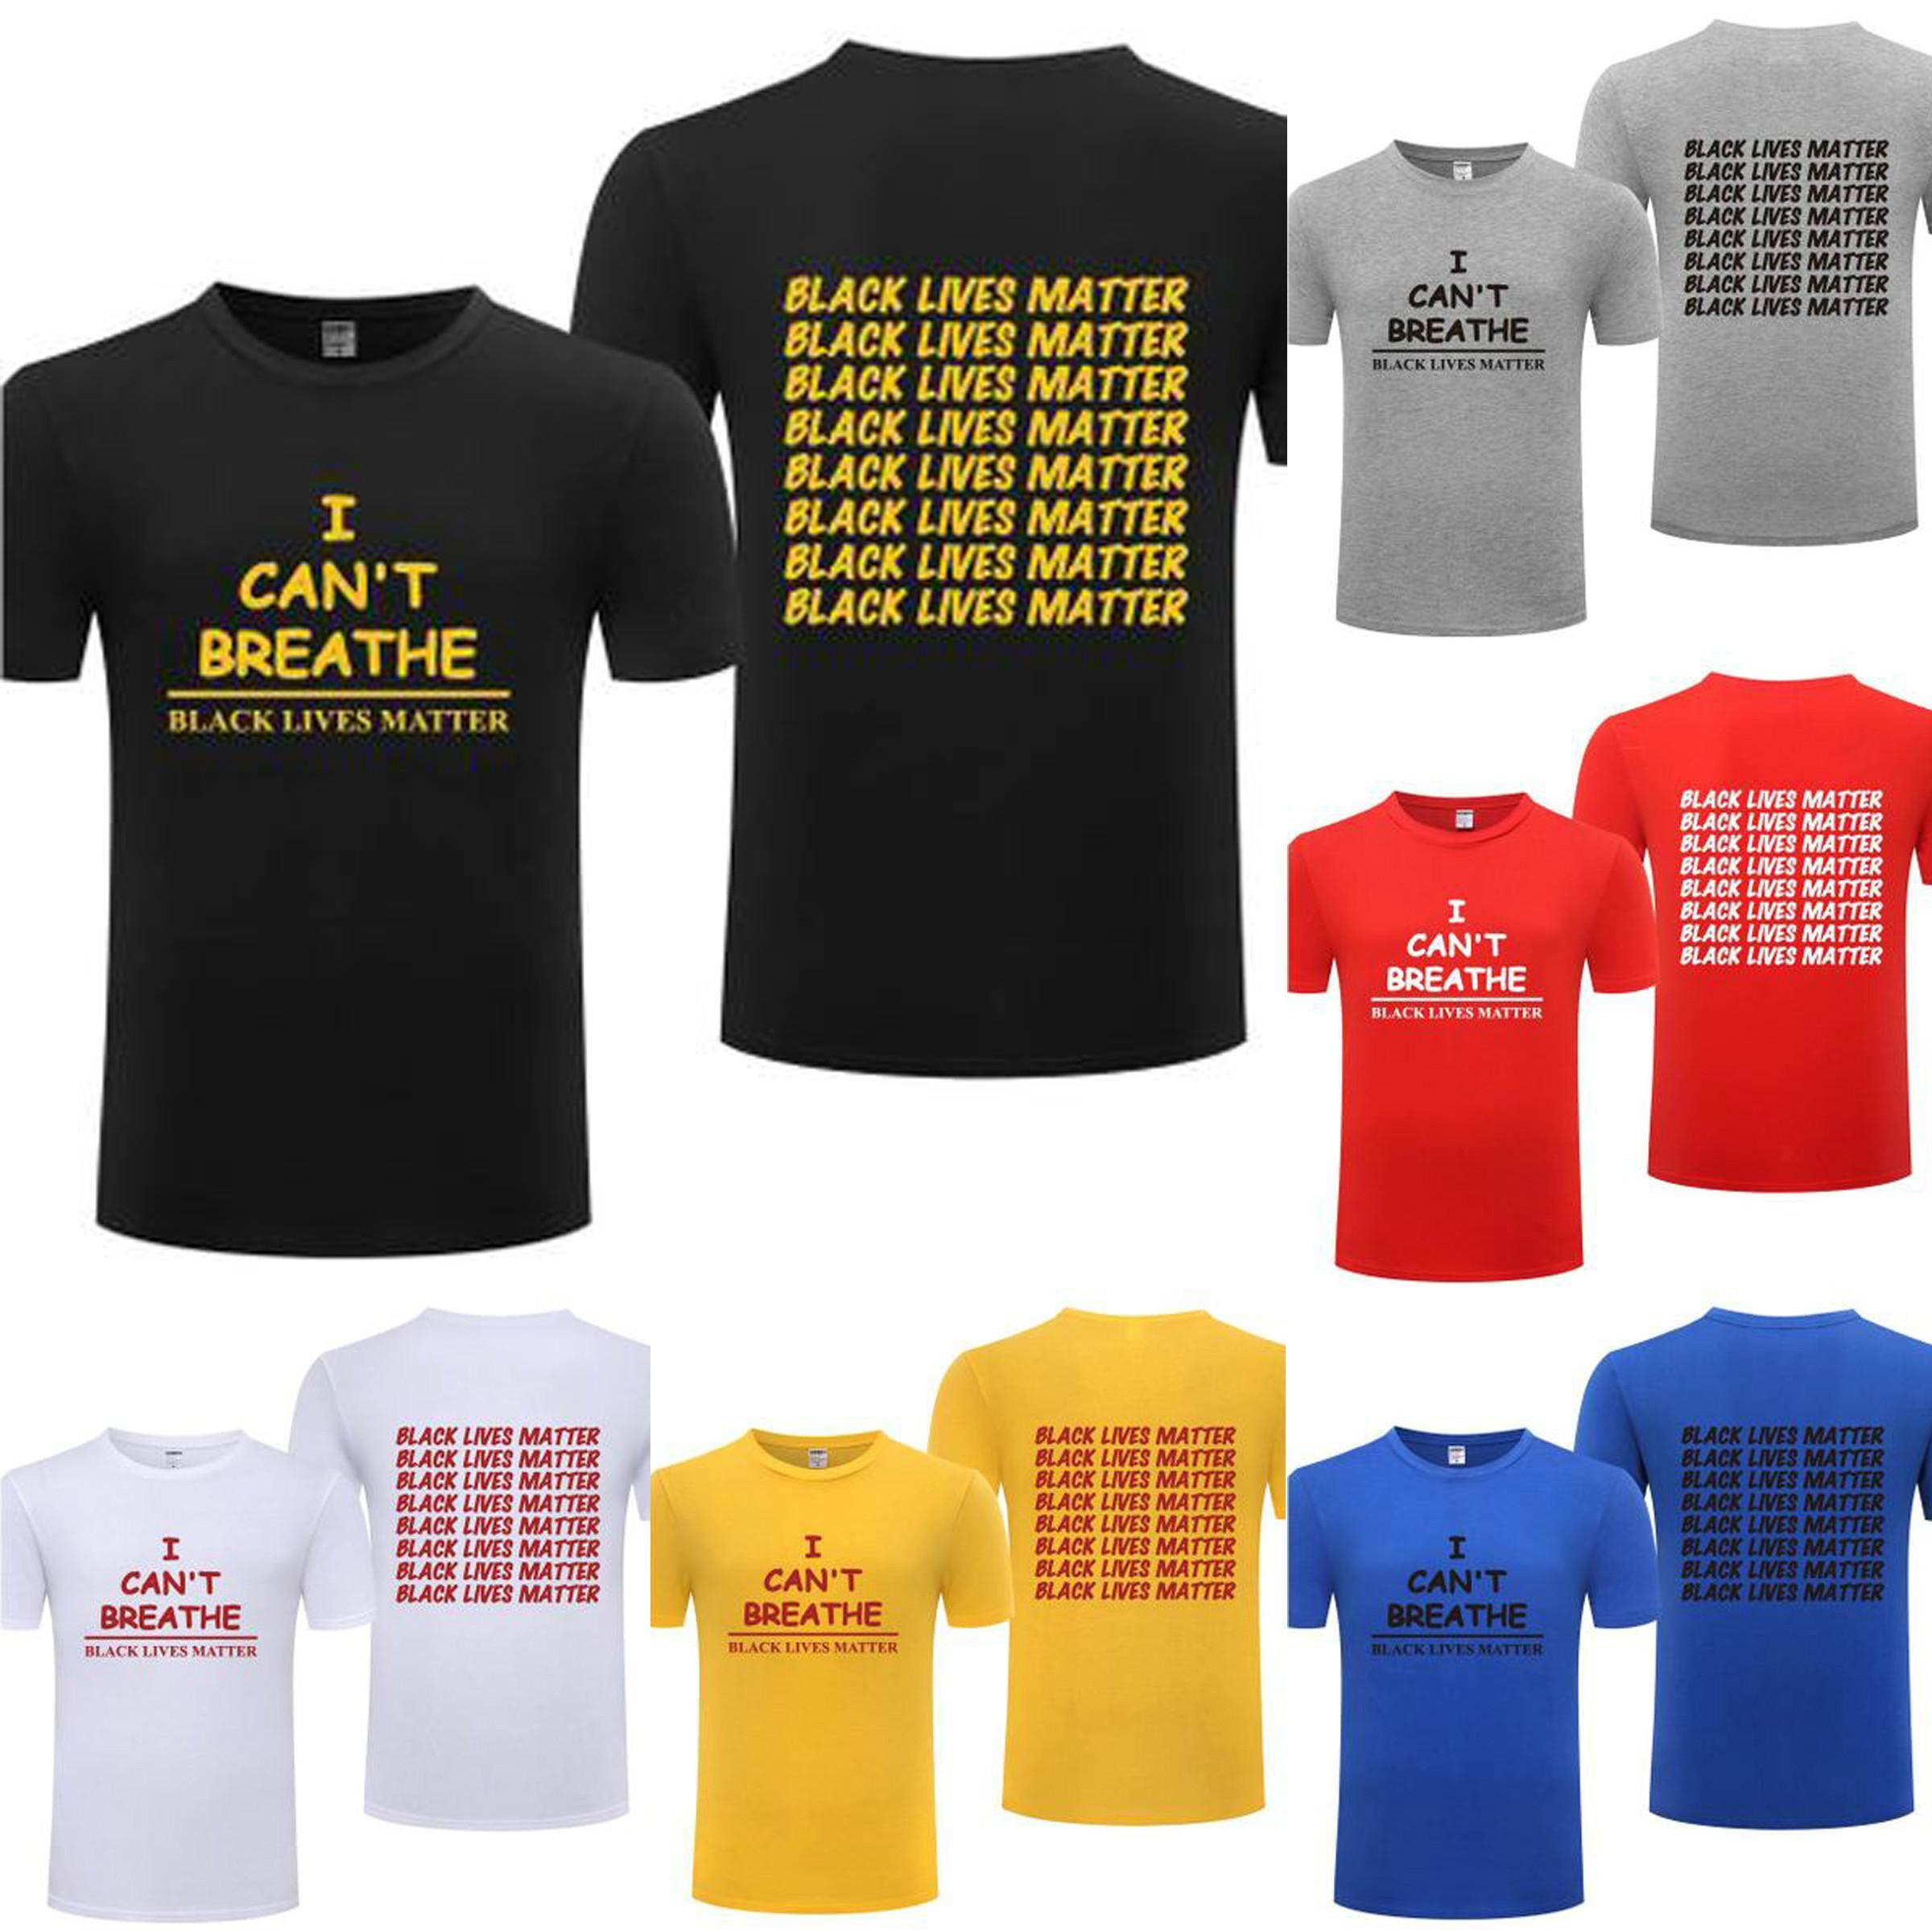 17 couleurs vie noir Matière Hommes T-shirt Lettre I Cant Breathe Tops 2020 Summer Streetwear Casual Parade Femmes New égalité Struggles